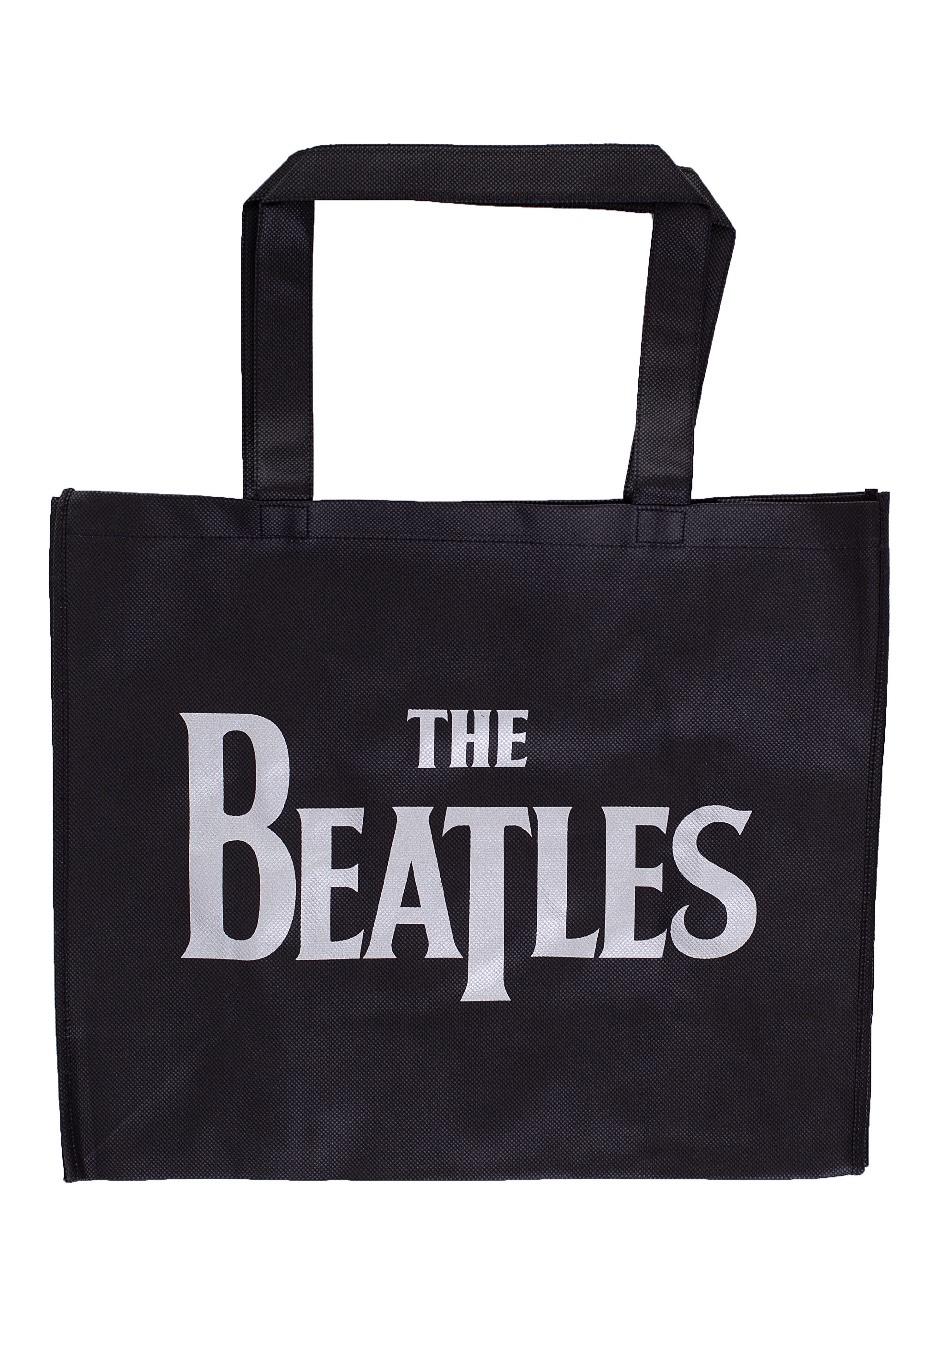 e74ad3c017ad The Beatles - Offizieller Merchandise Shop - Impericon.com CH